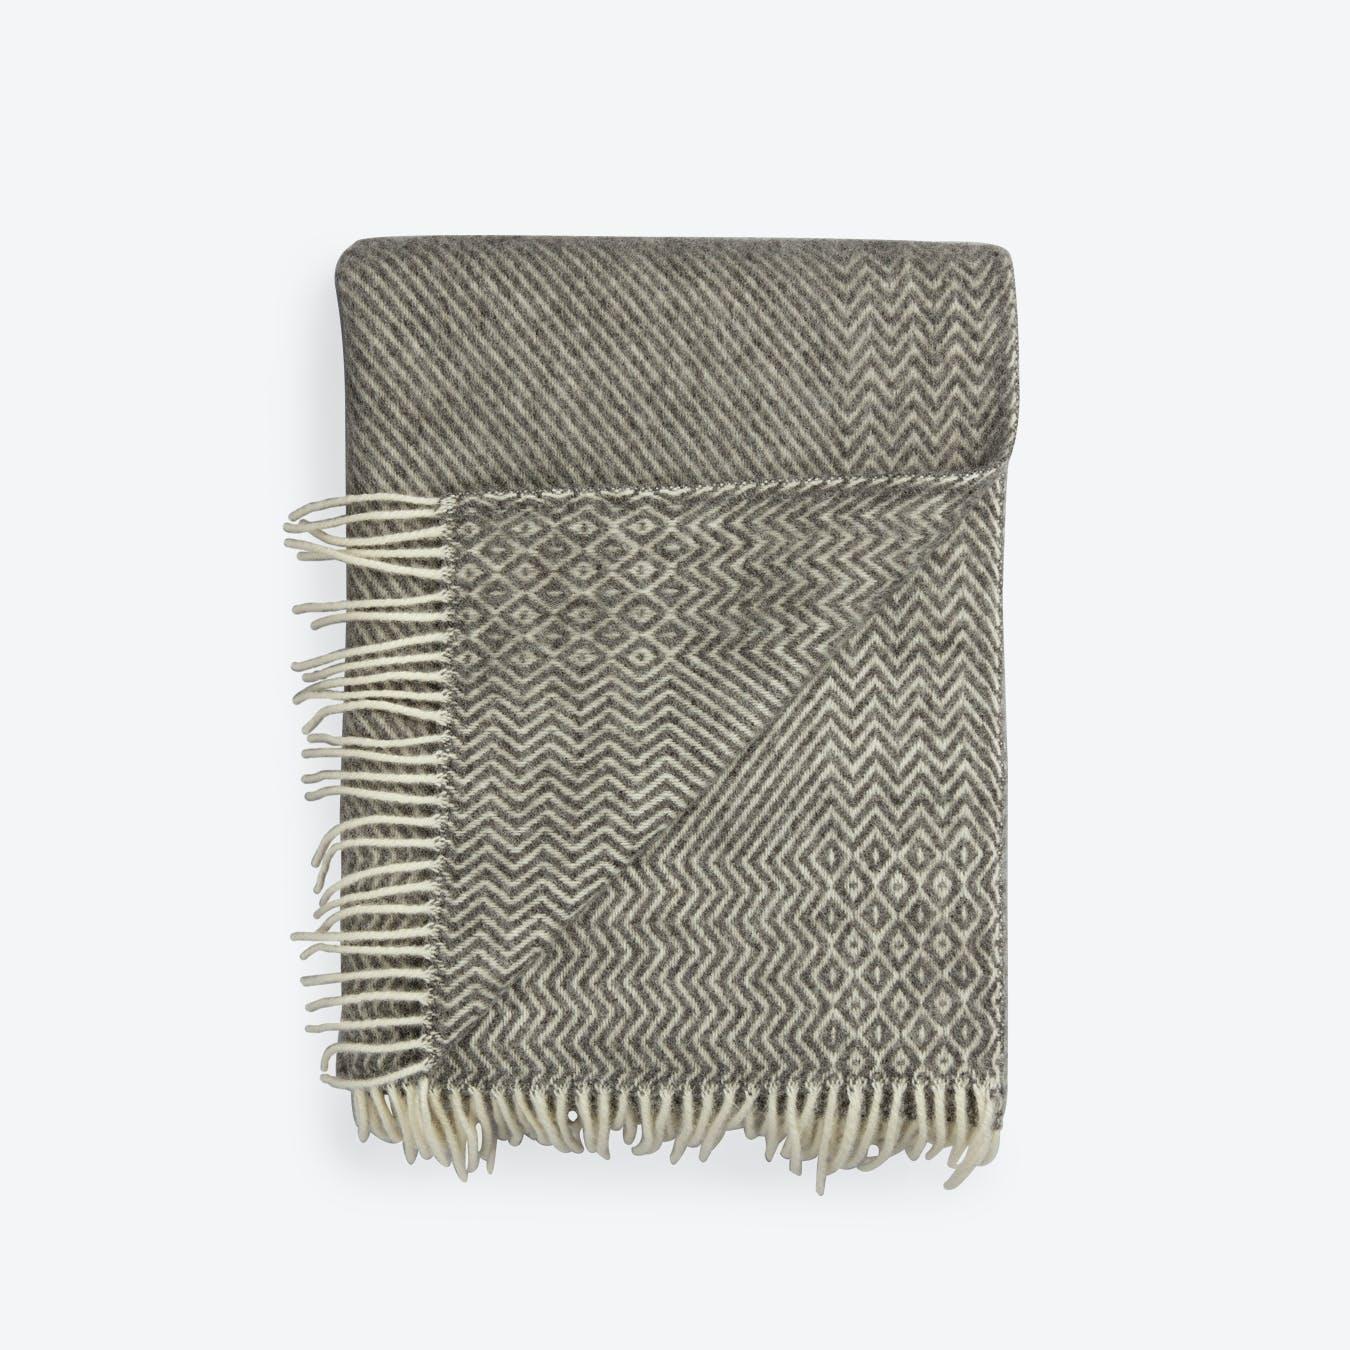 Kattefot Lambswool Rug in Grey